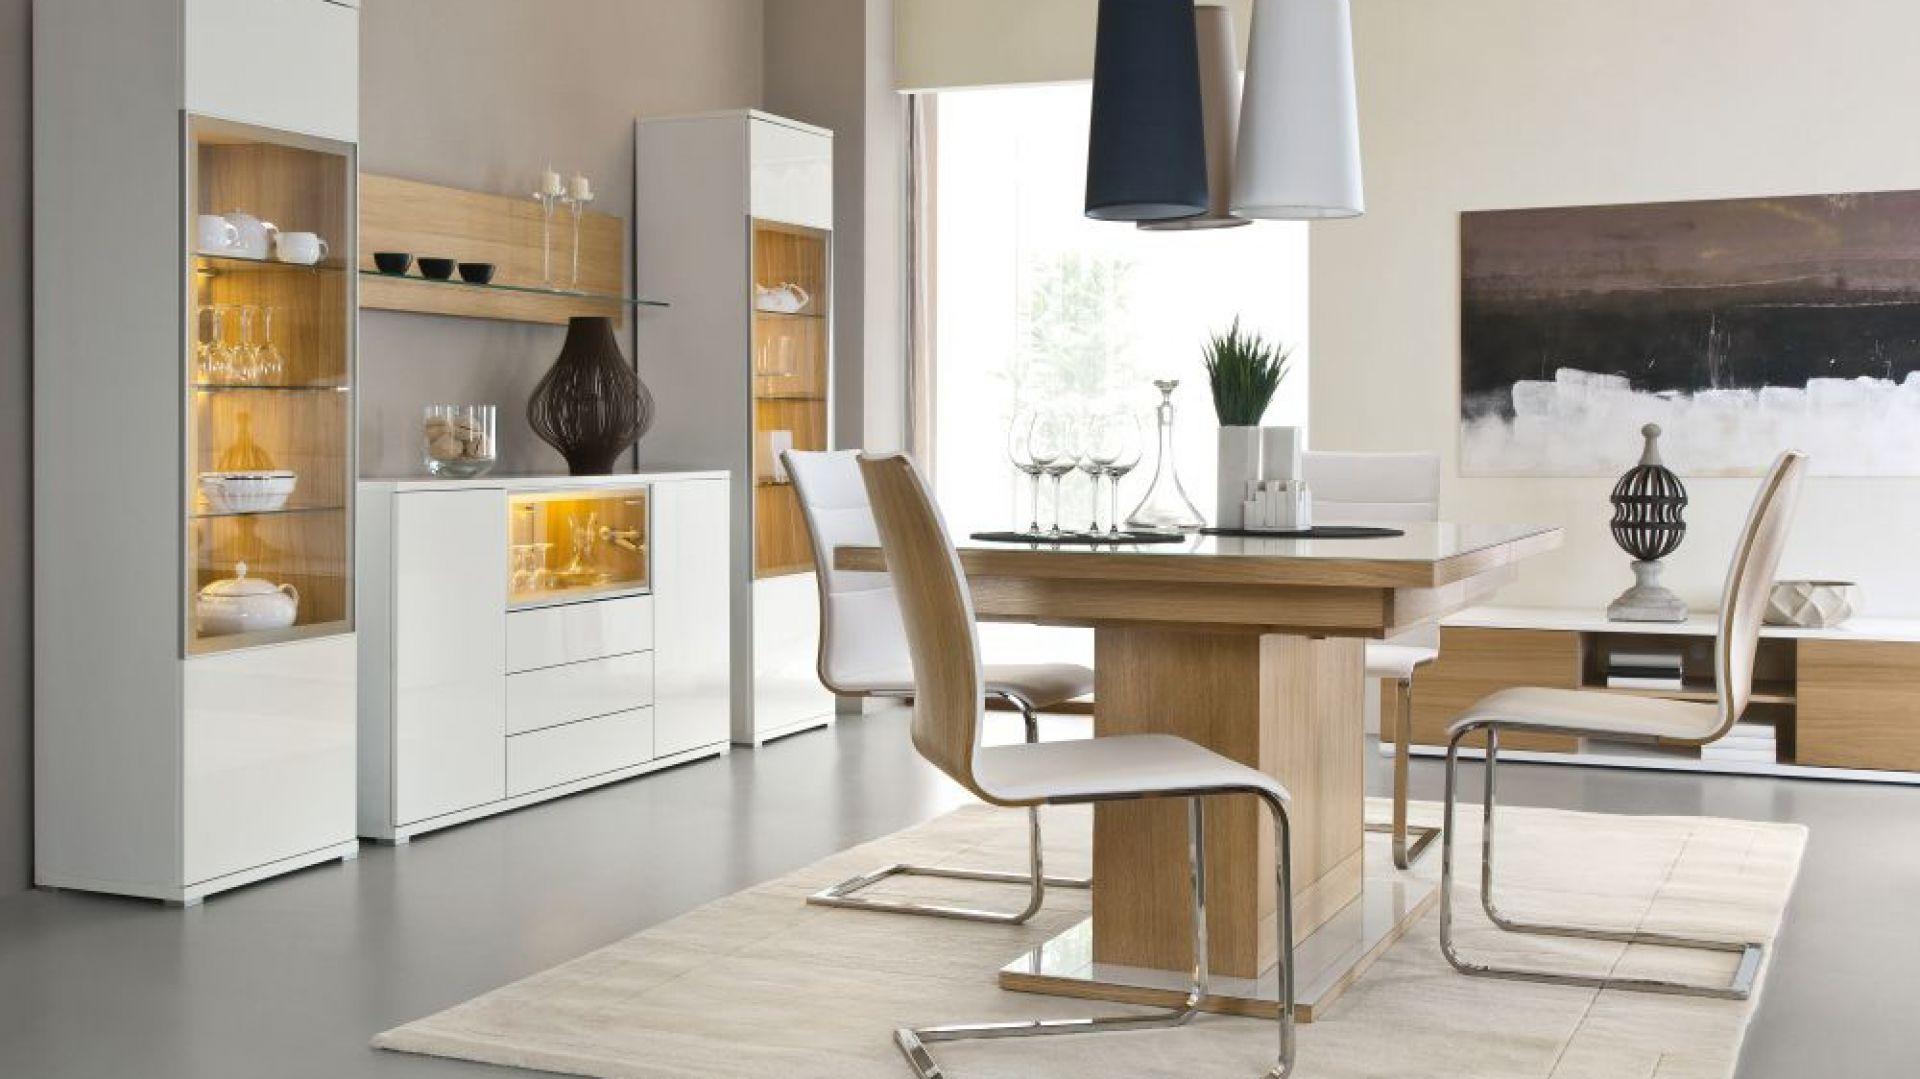 Jadalnia Bianco marki Paged Meble to modne bryły w białym kolorze, których chłód przełamuje ciepła barwa oświetlenia. Fot. Paged Meble